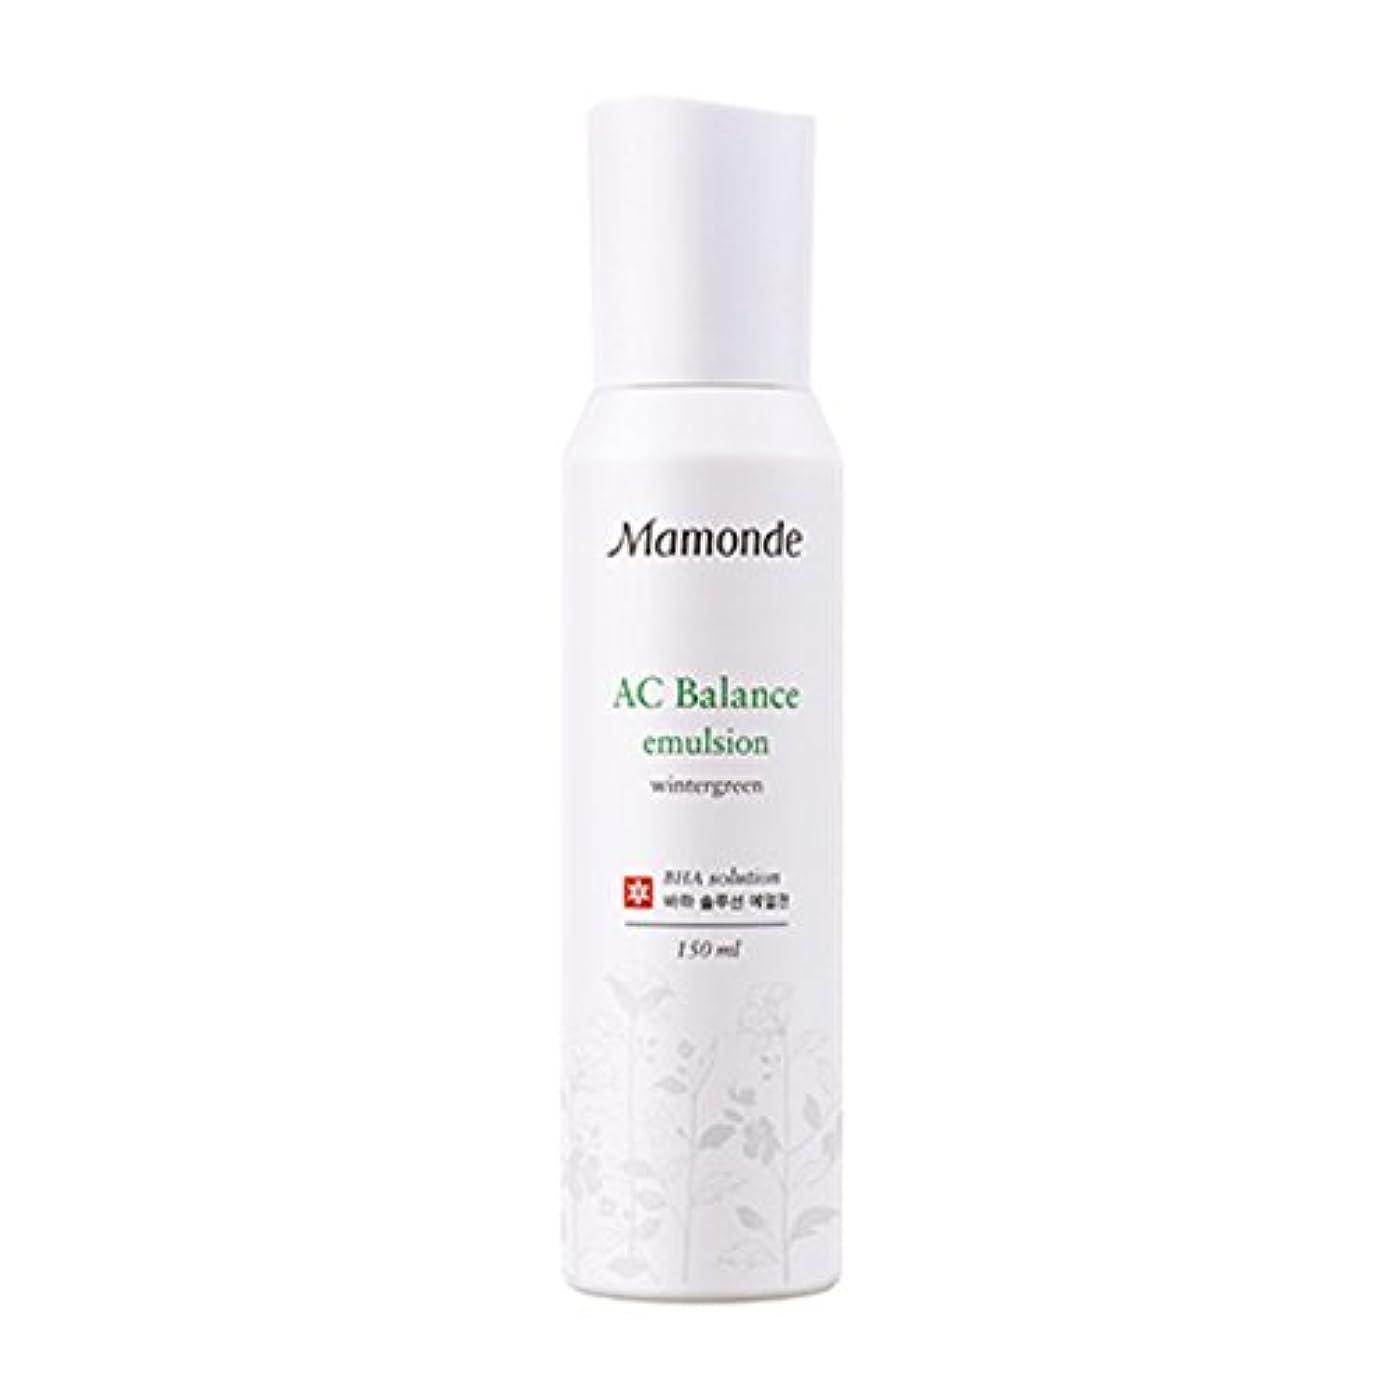 コミュニティ推定する十分[New] Mamonde AC Balance Emulsion 150ml/マモンド AC バランス エマルジョン 150ml [並行輸入品]